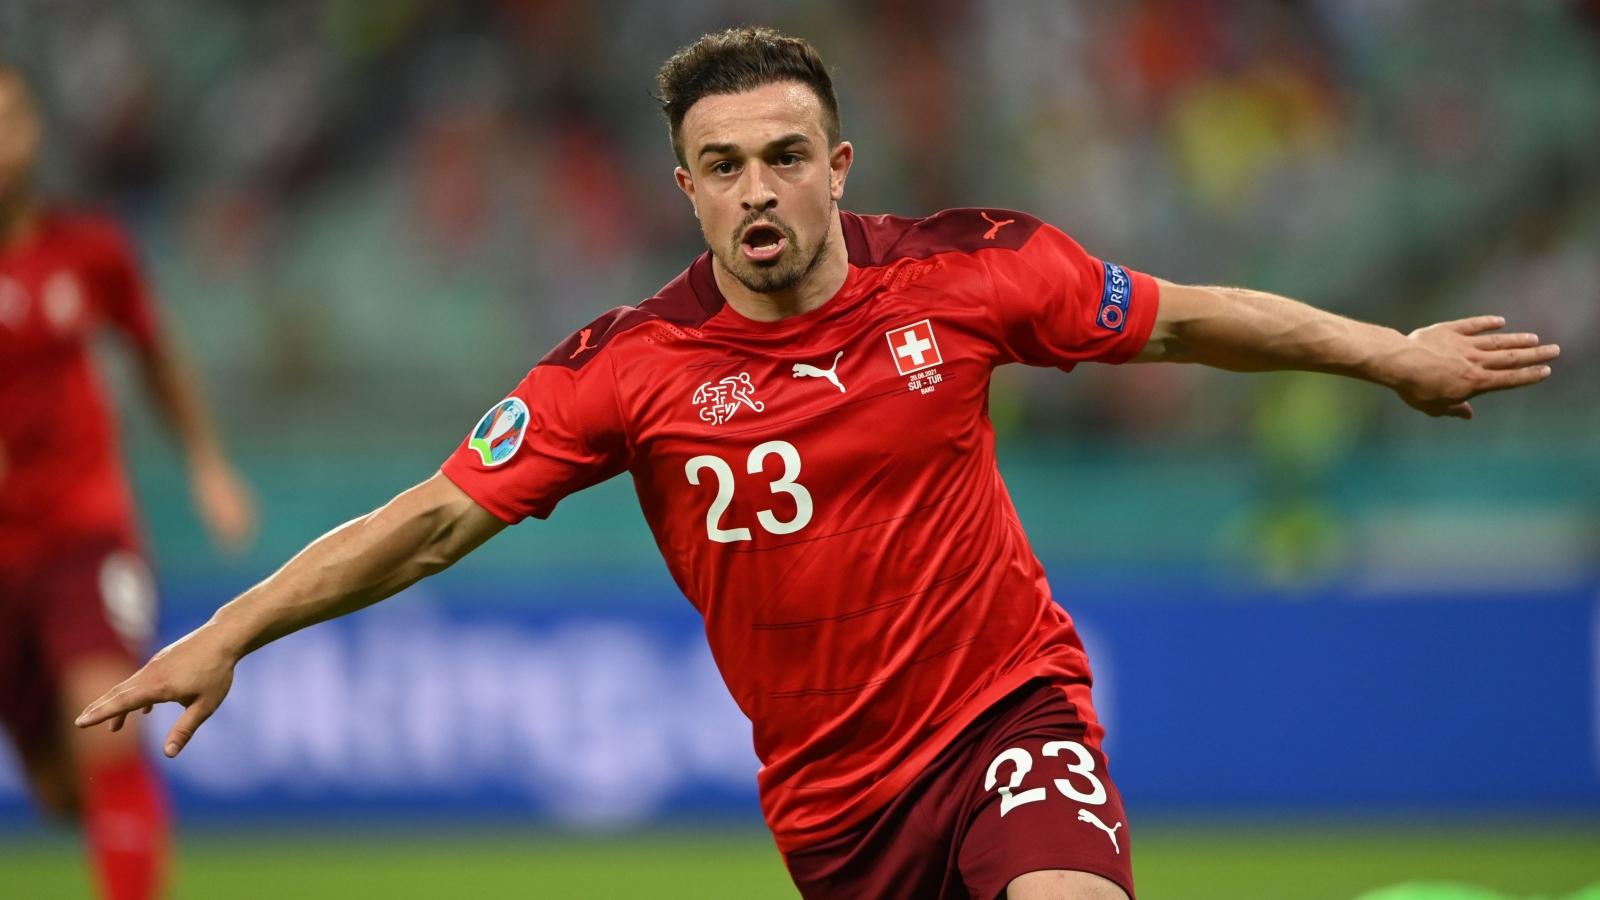 Thụy Sĩ 3-1 Thổ Nhĩ Kỳ: Siêu phẩm liên tiếp xuất hiện